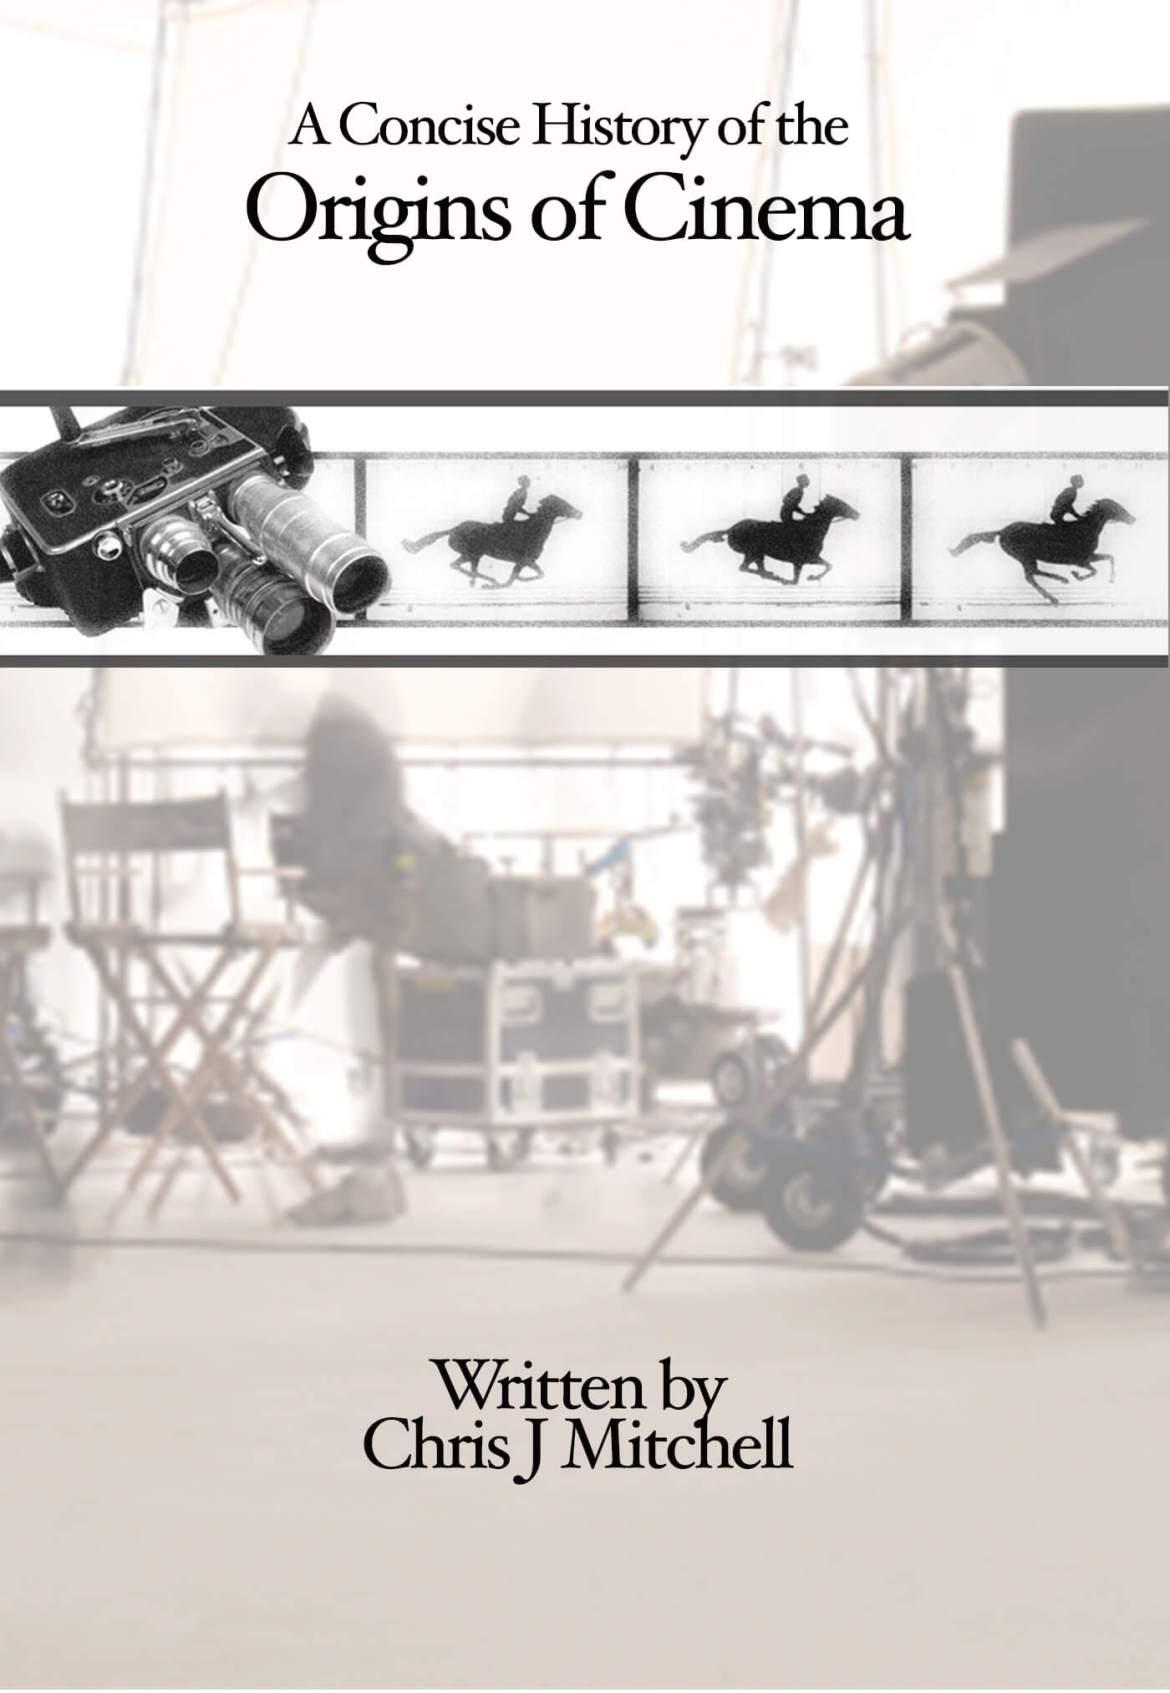 Concise Origins of Cinema